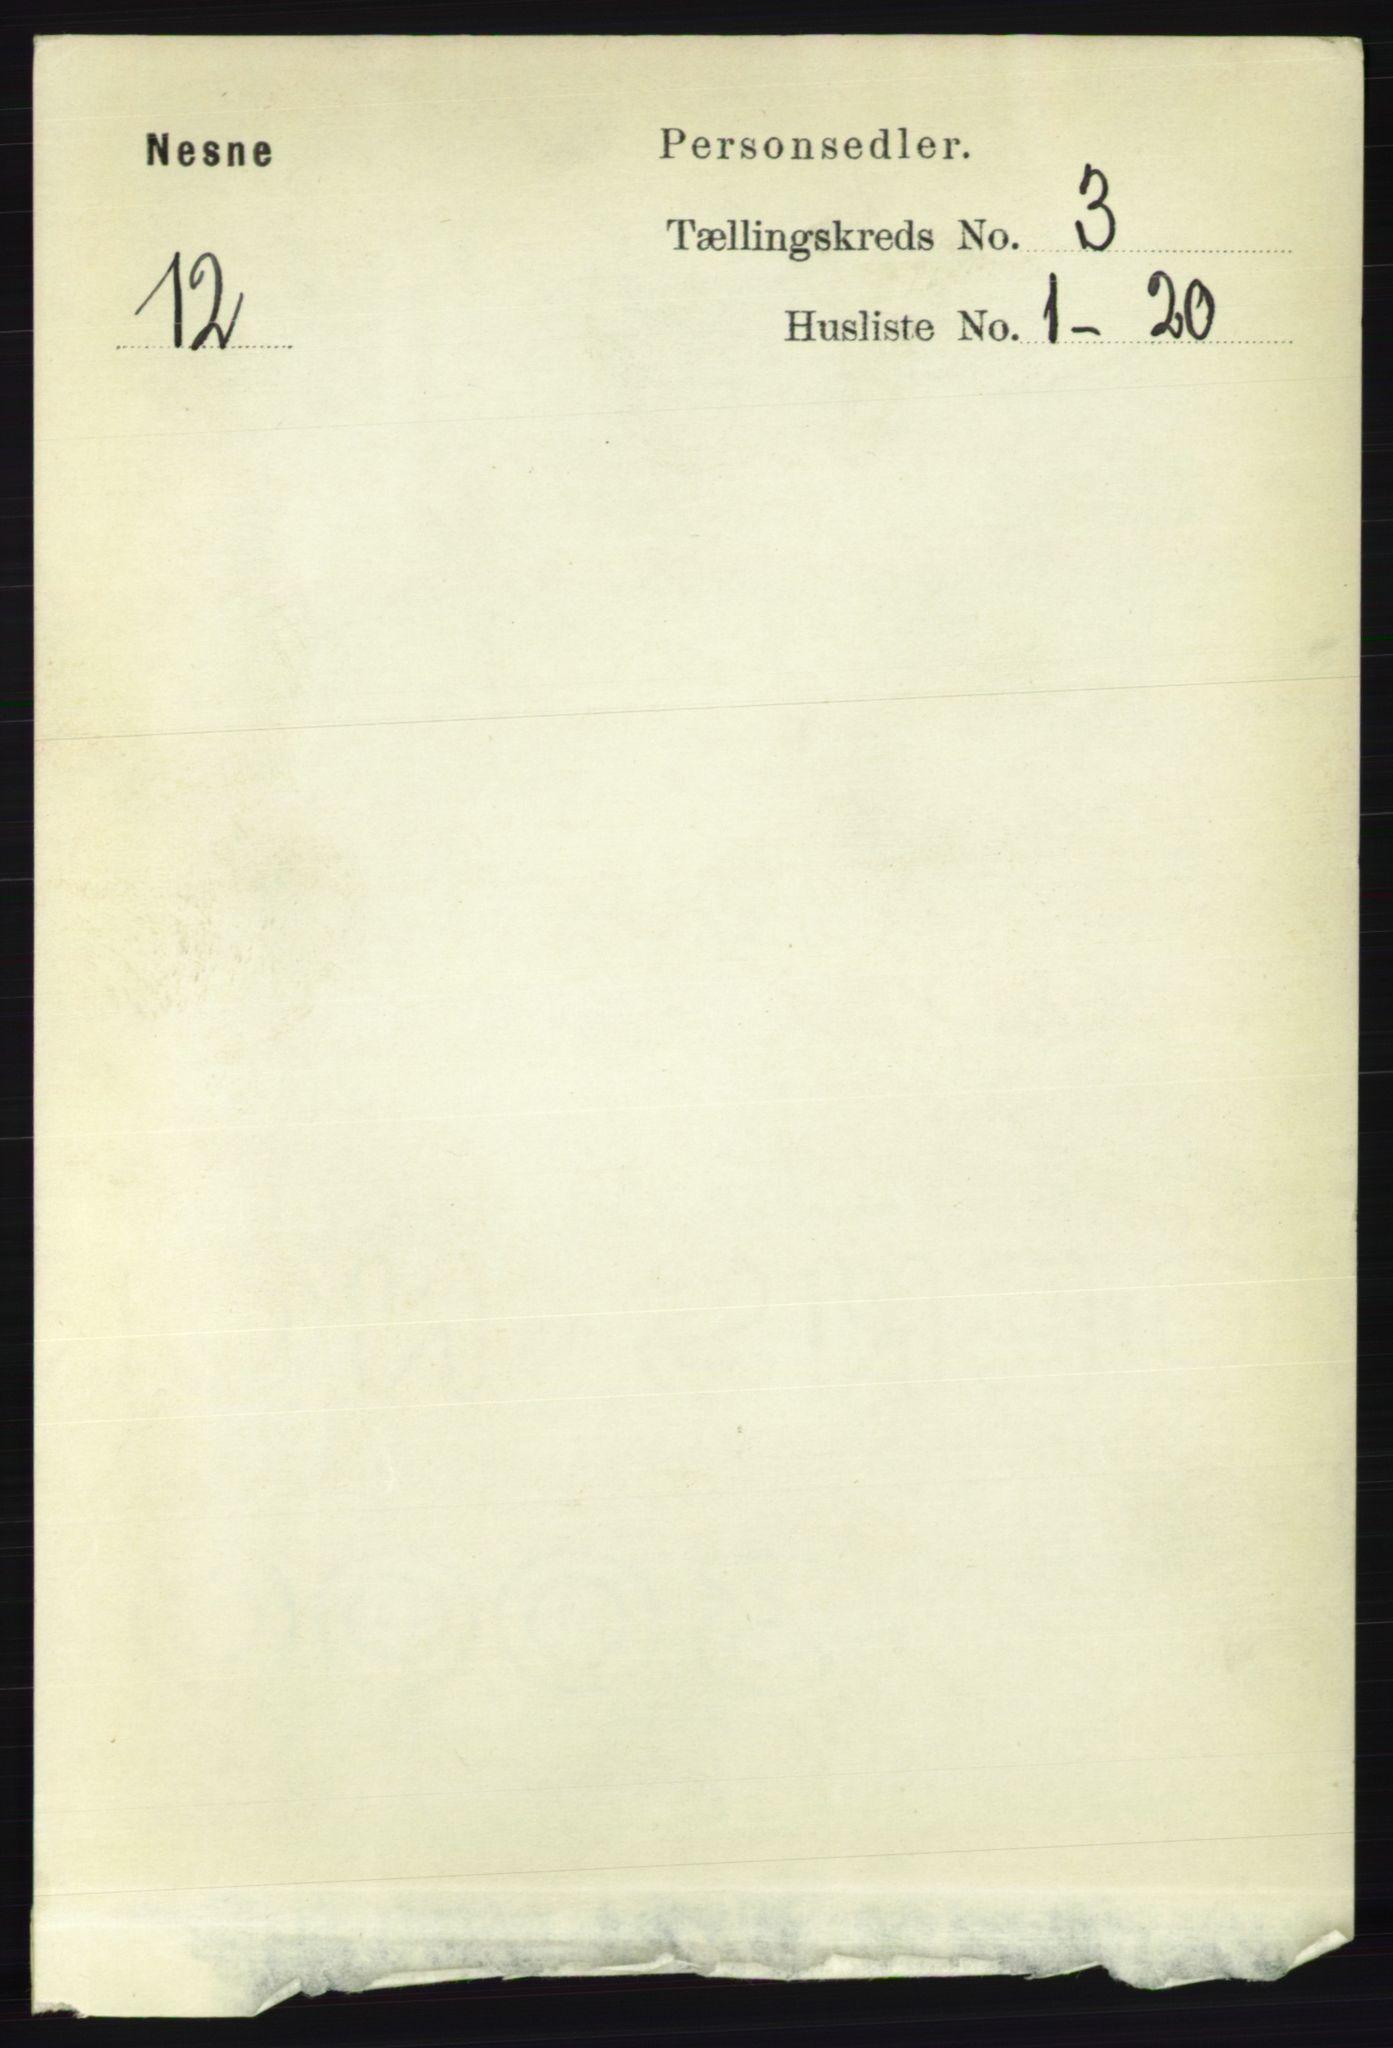 RA, Folketelling 1891 for 1828 Nesna herred, 1891, s. 1497